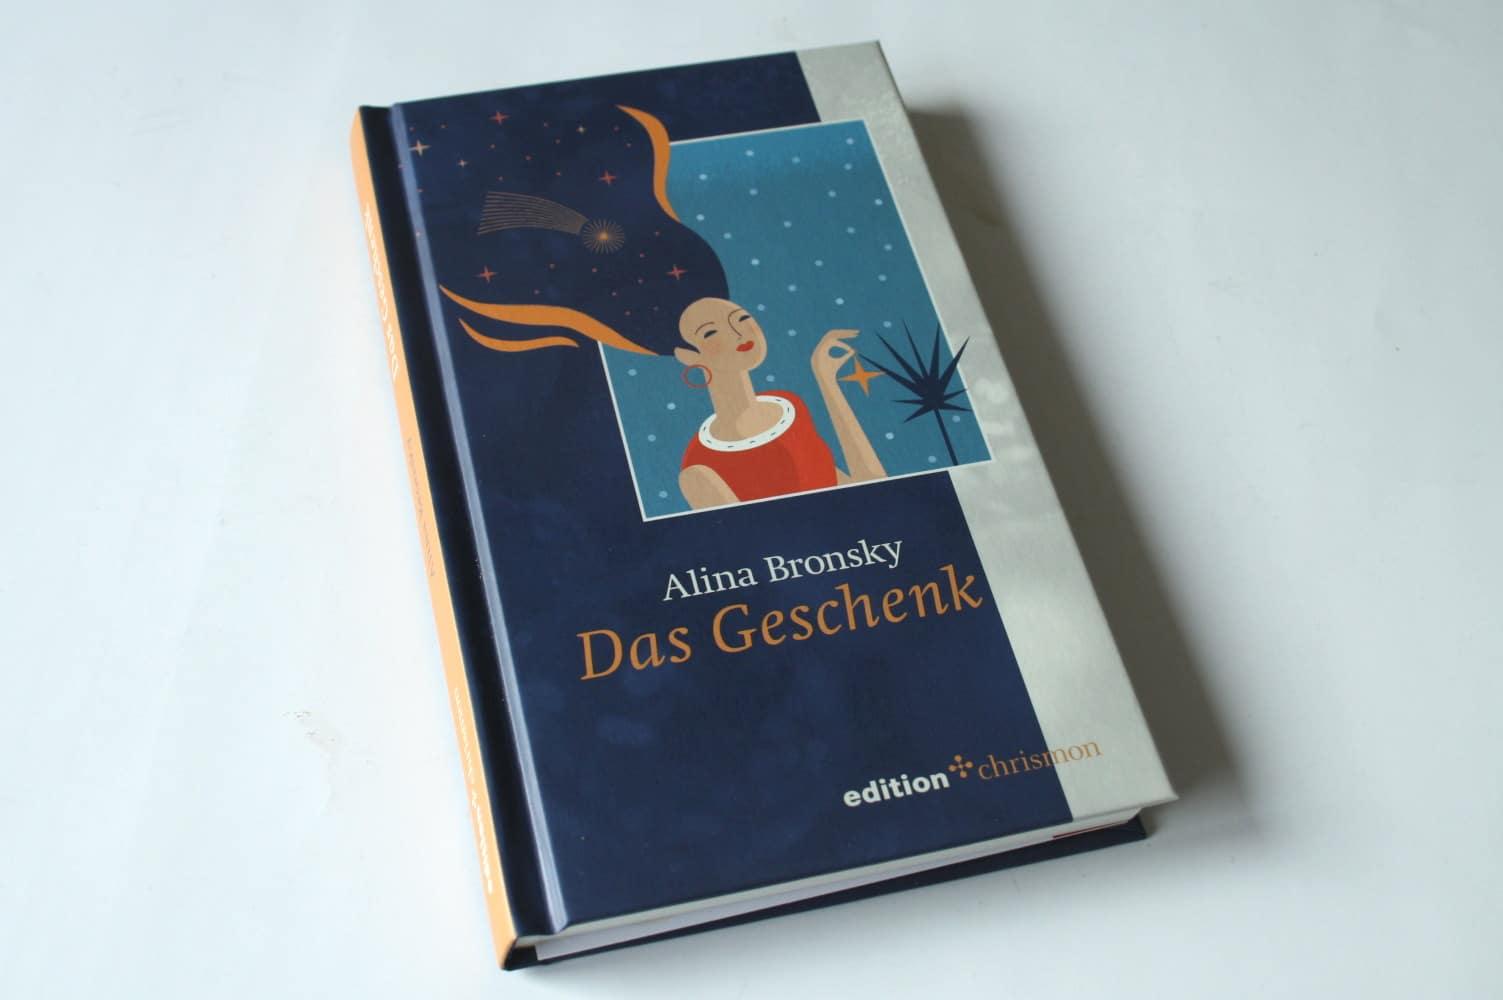 Alina Bronsky: Das Geschenk. Foto: Ralf Julke